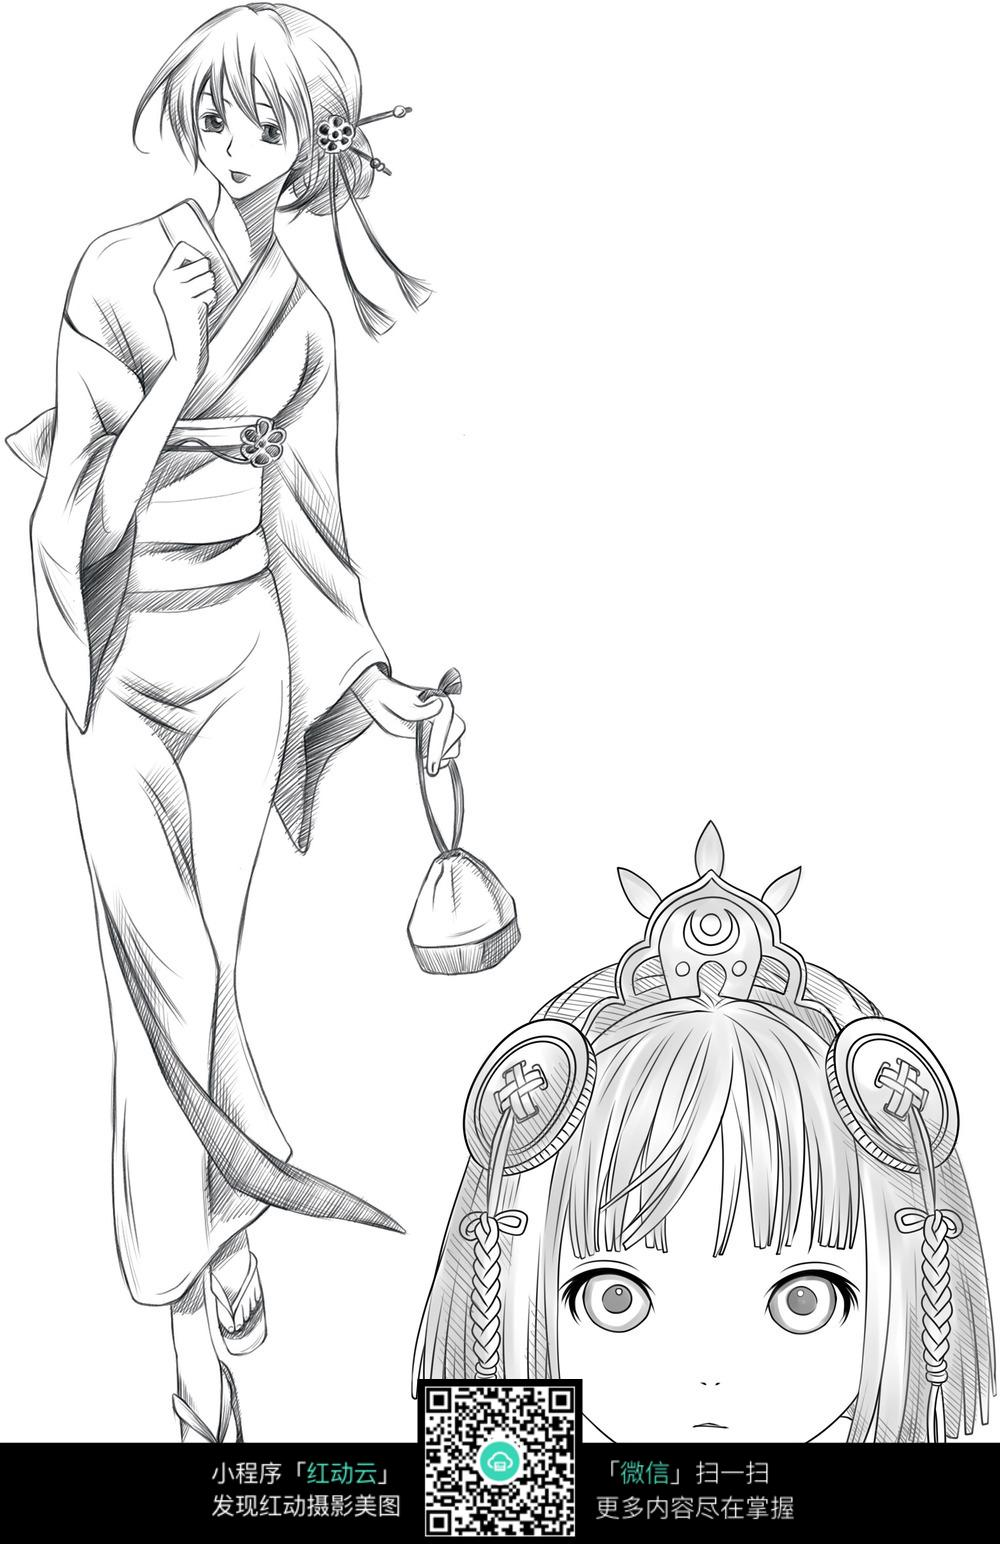 画日本动漫人物教程_日式动漫人物绘画技巧-如何画好日本动漫人物?